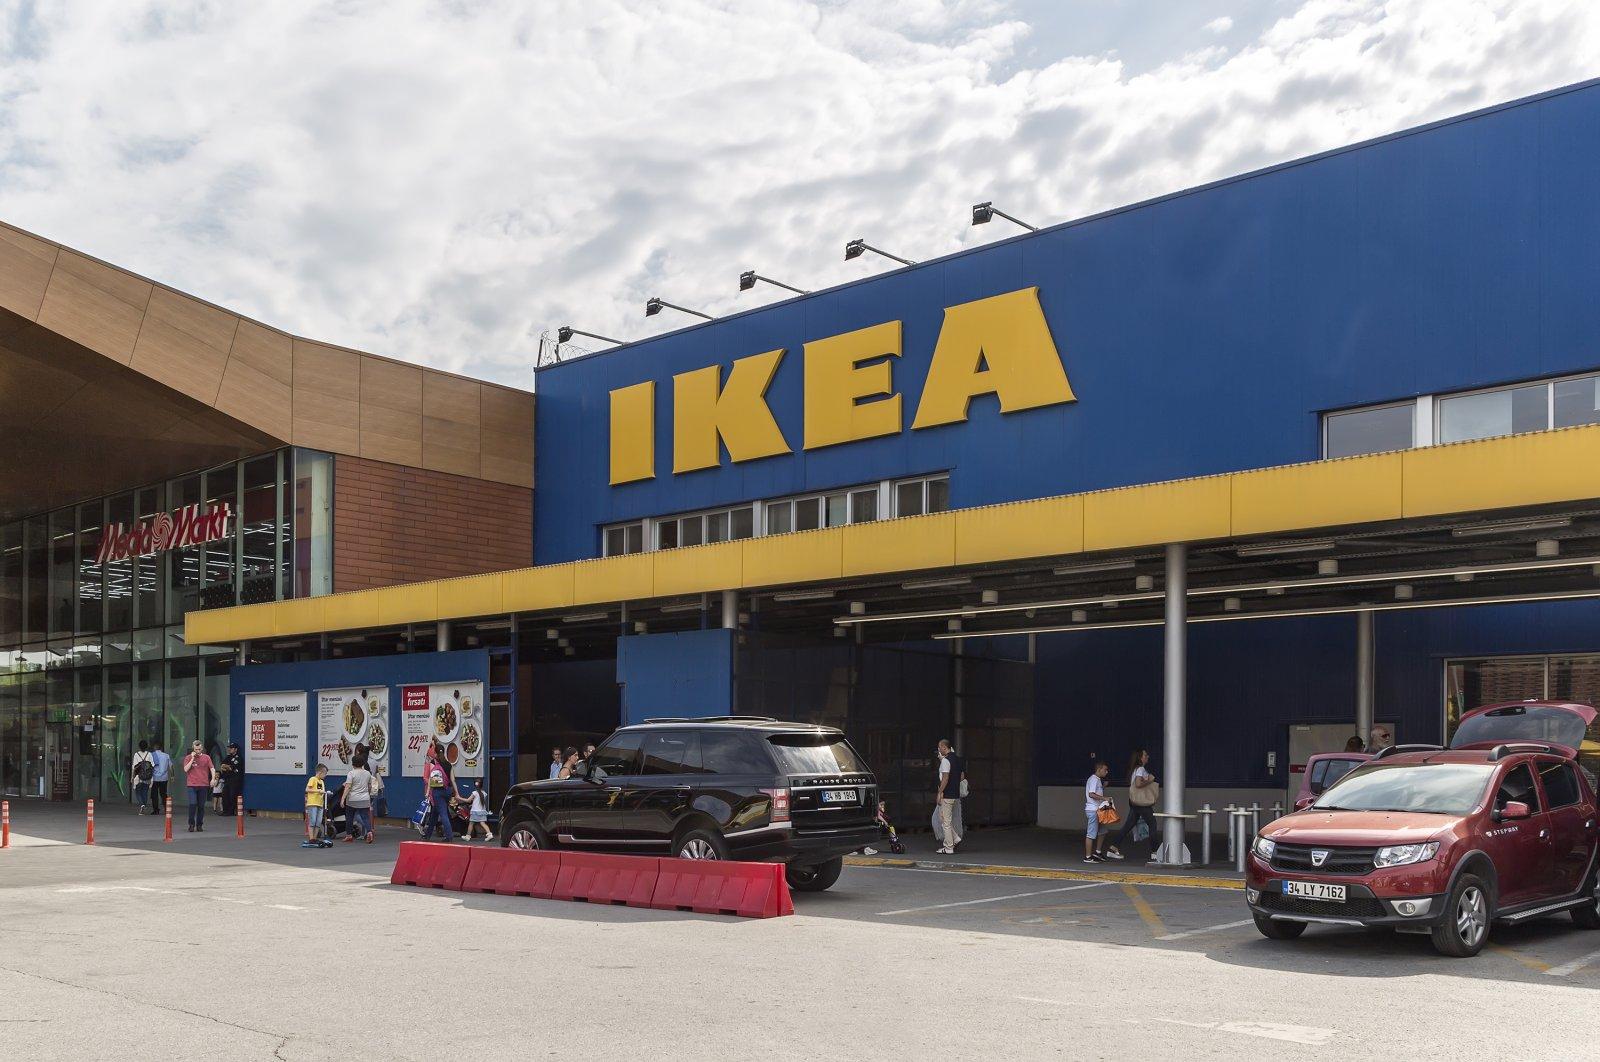 An IKEA store is seen in Istanbul, Turkey, June 17, 2019. (Shutterstock Photo)